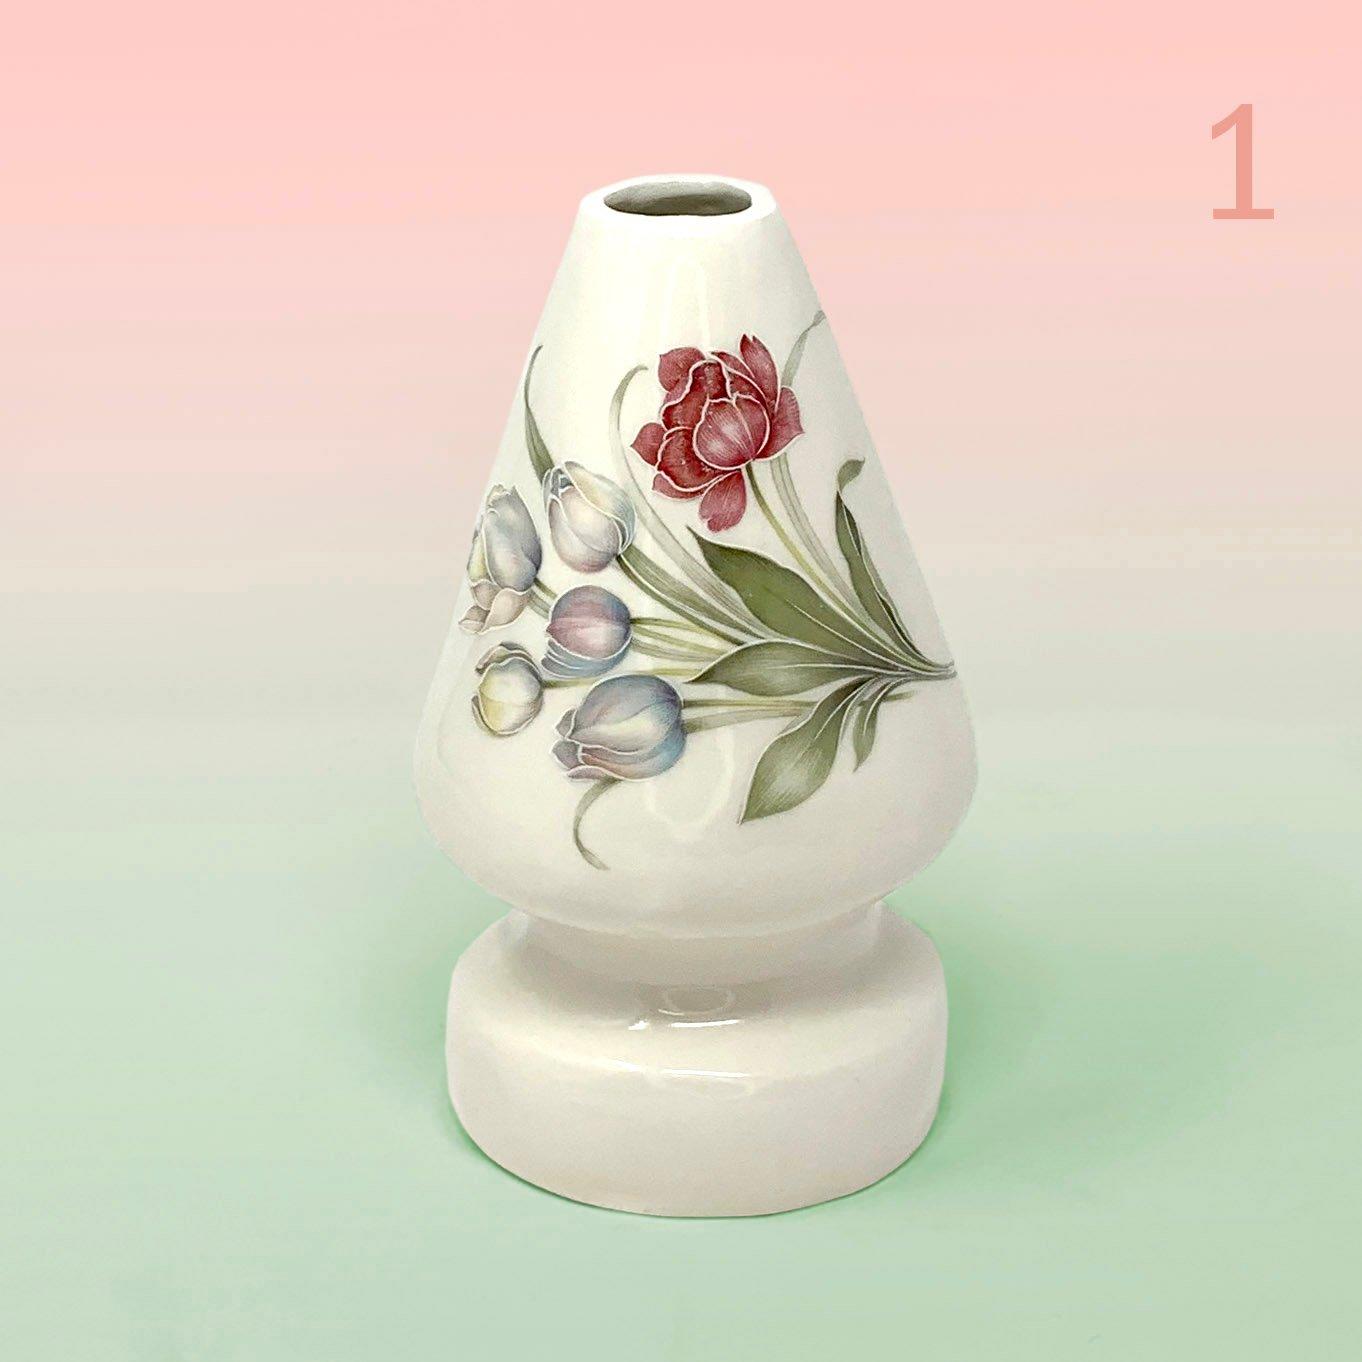 Image of Butt Plug Floral Vase - Large